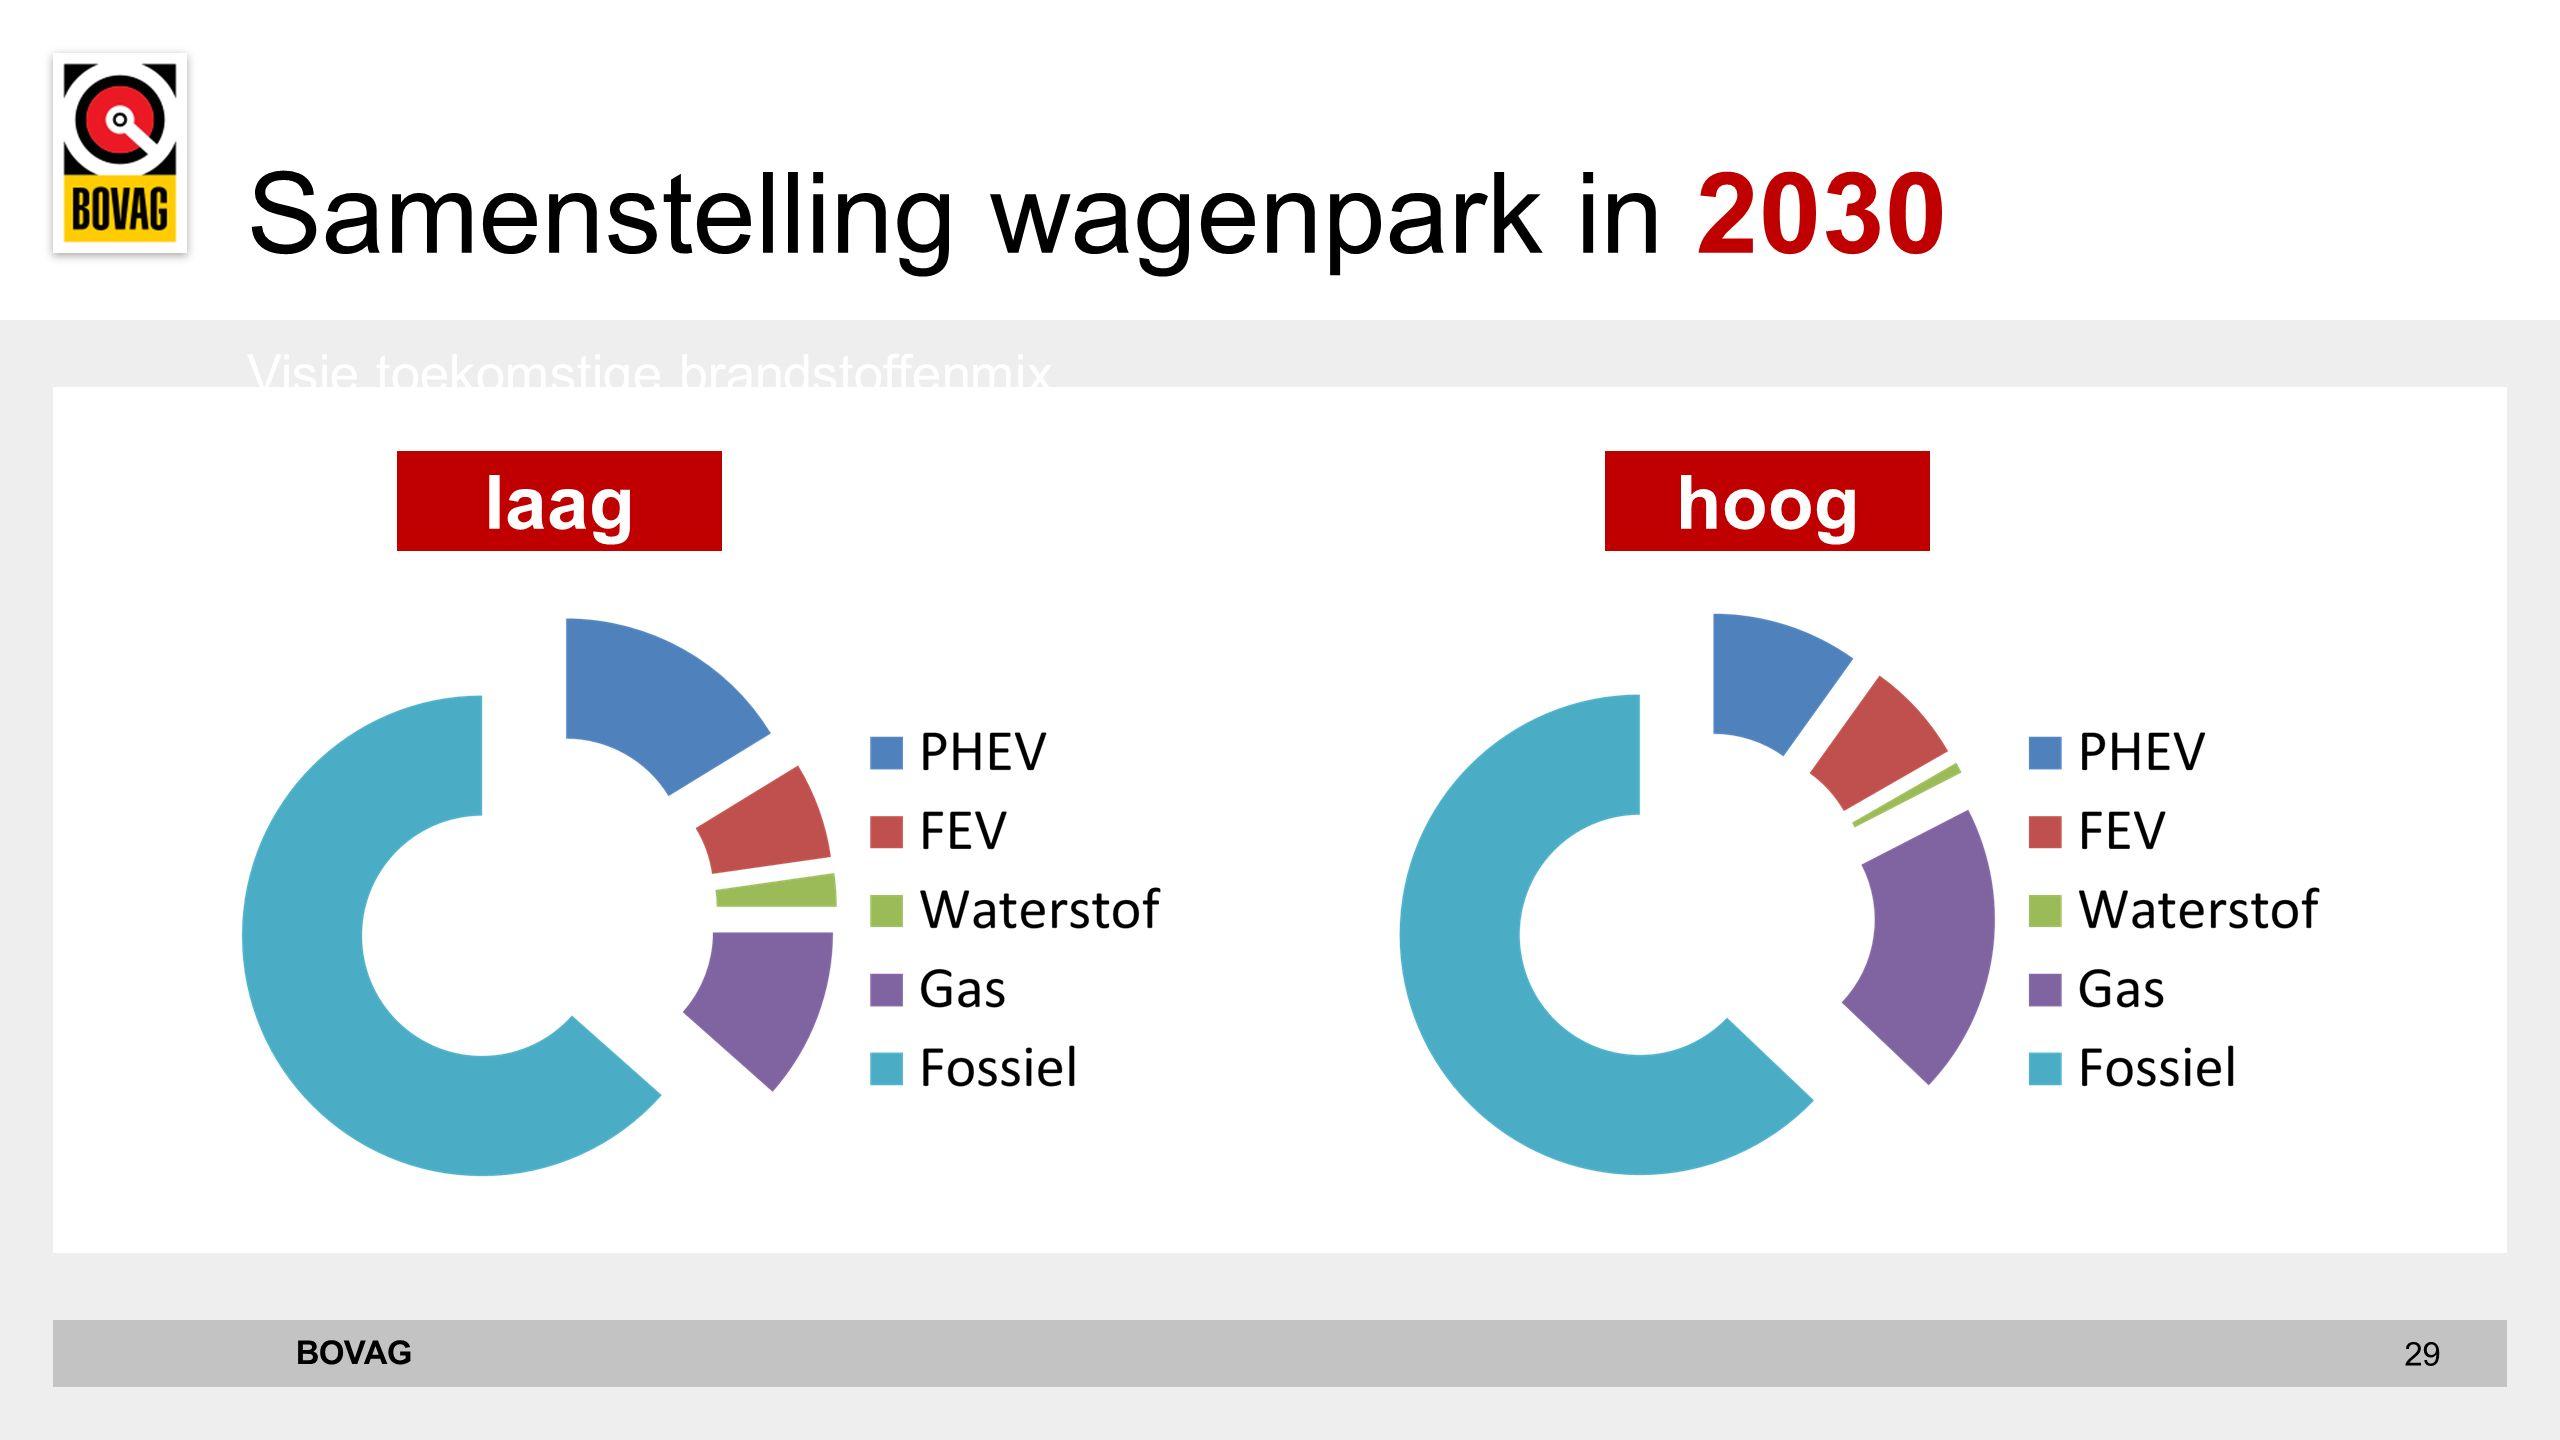 29 Visie toekomstige brandstoffenmix BOVAG Samenstelling wagenpark in 2030 laaghoog